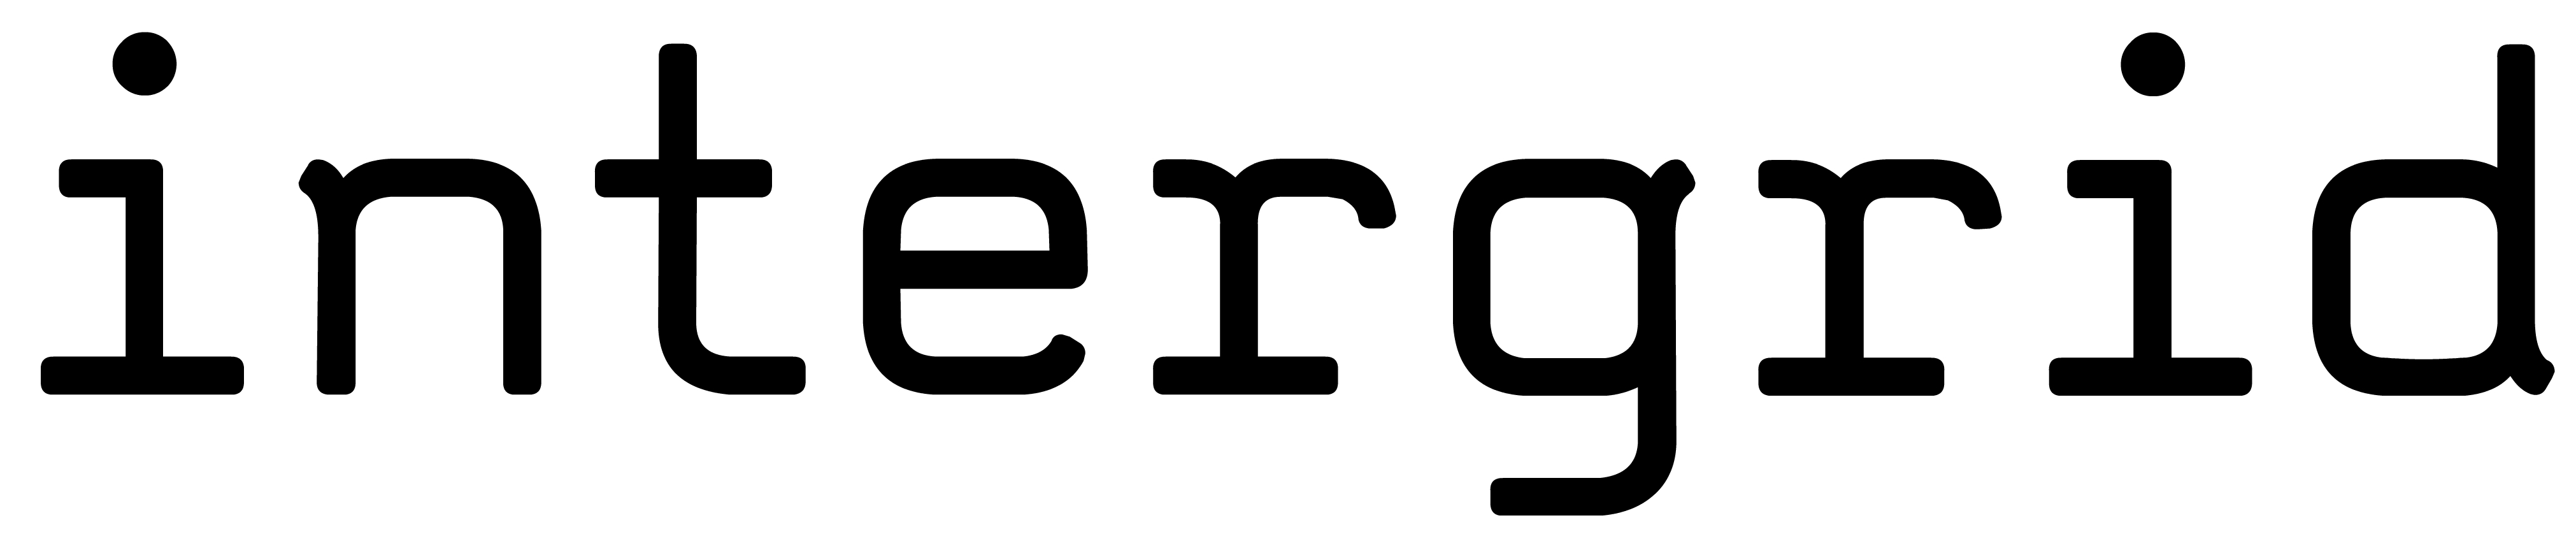 Intergrid SL - Tecnologies del coneixement